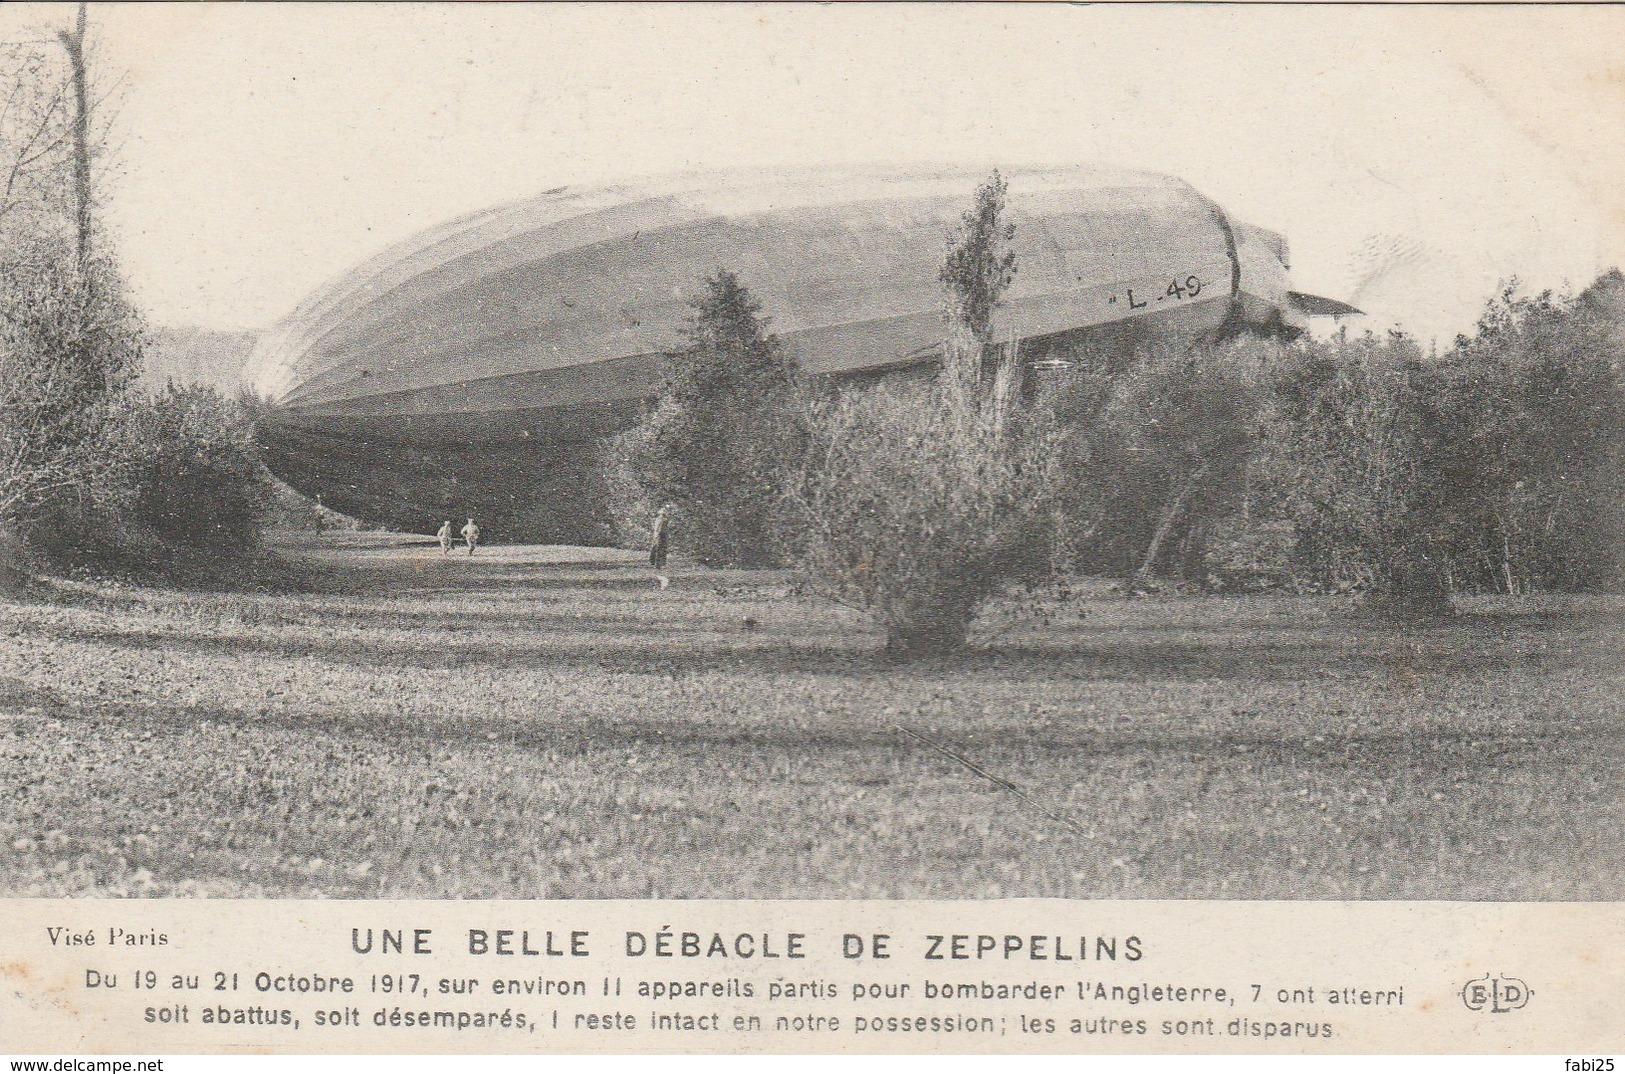 UNE BELLE DEBACLE DES ZEPPELINS - Airships